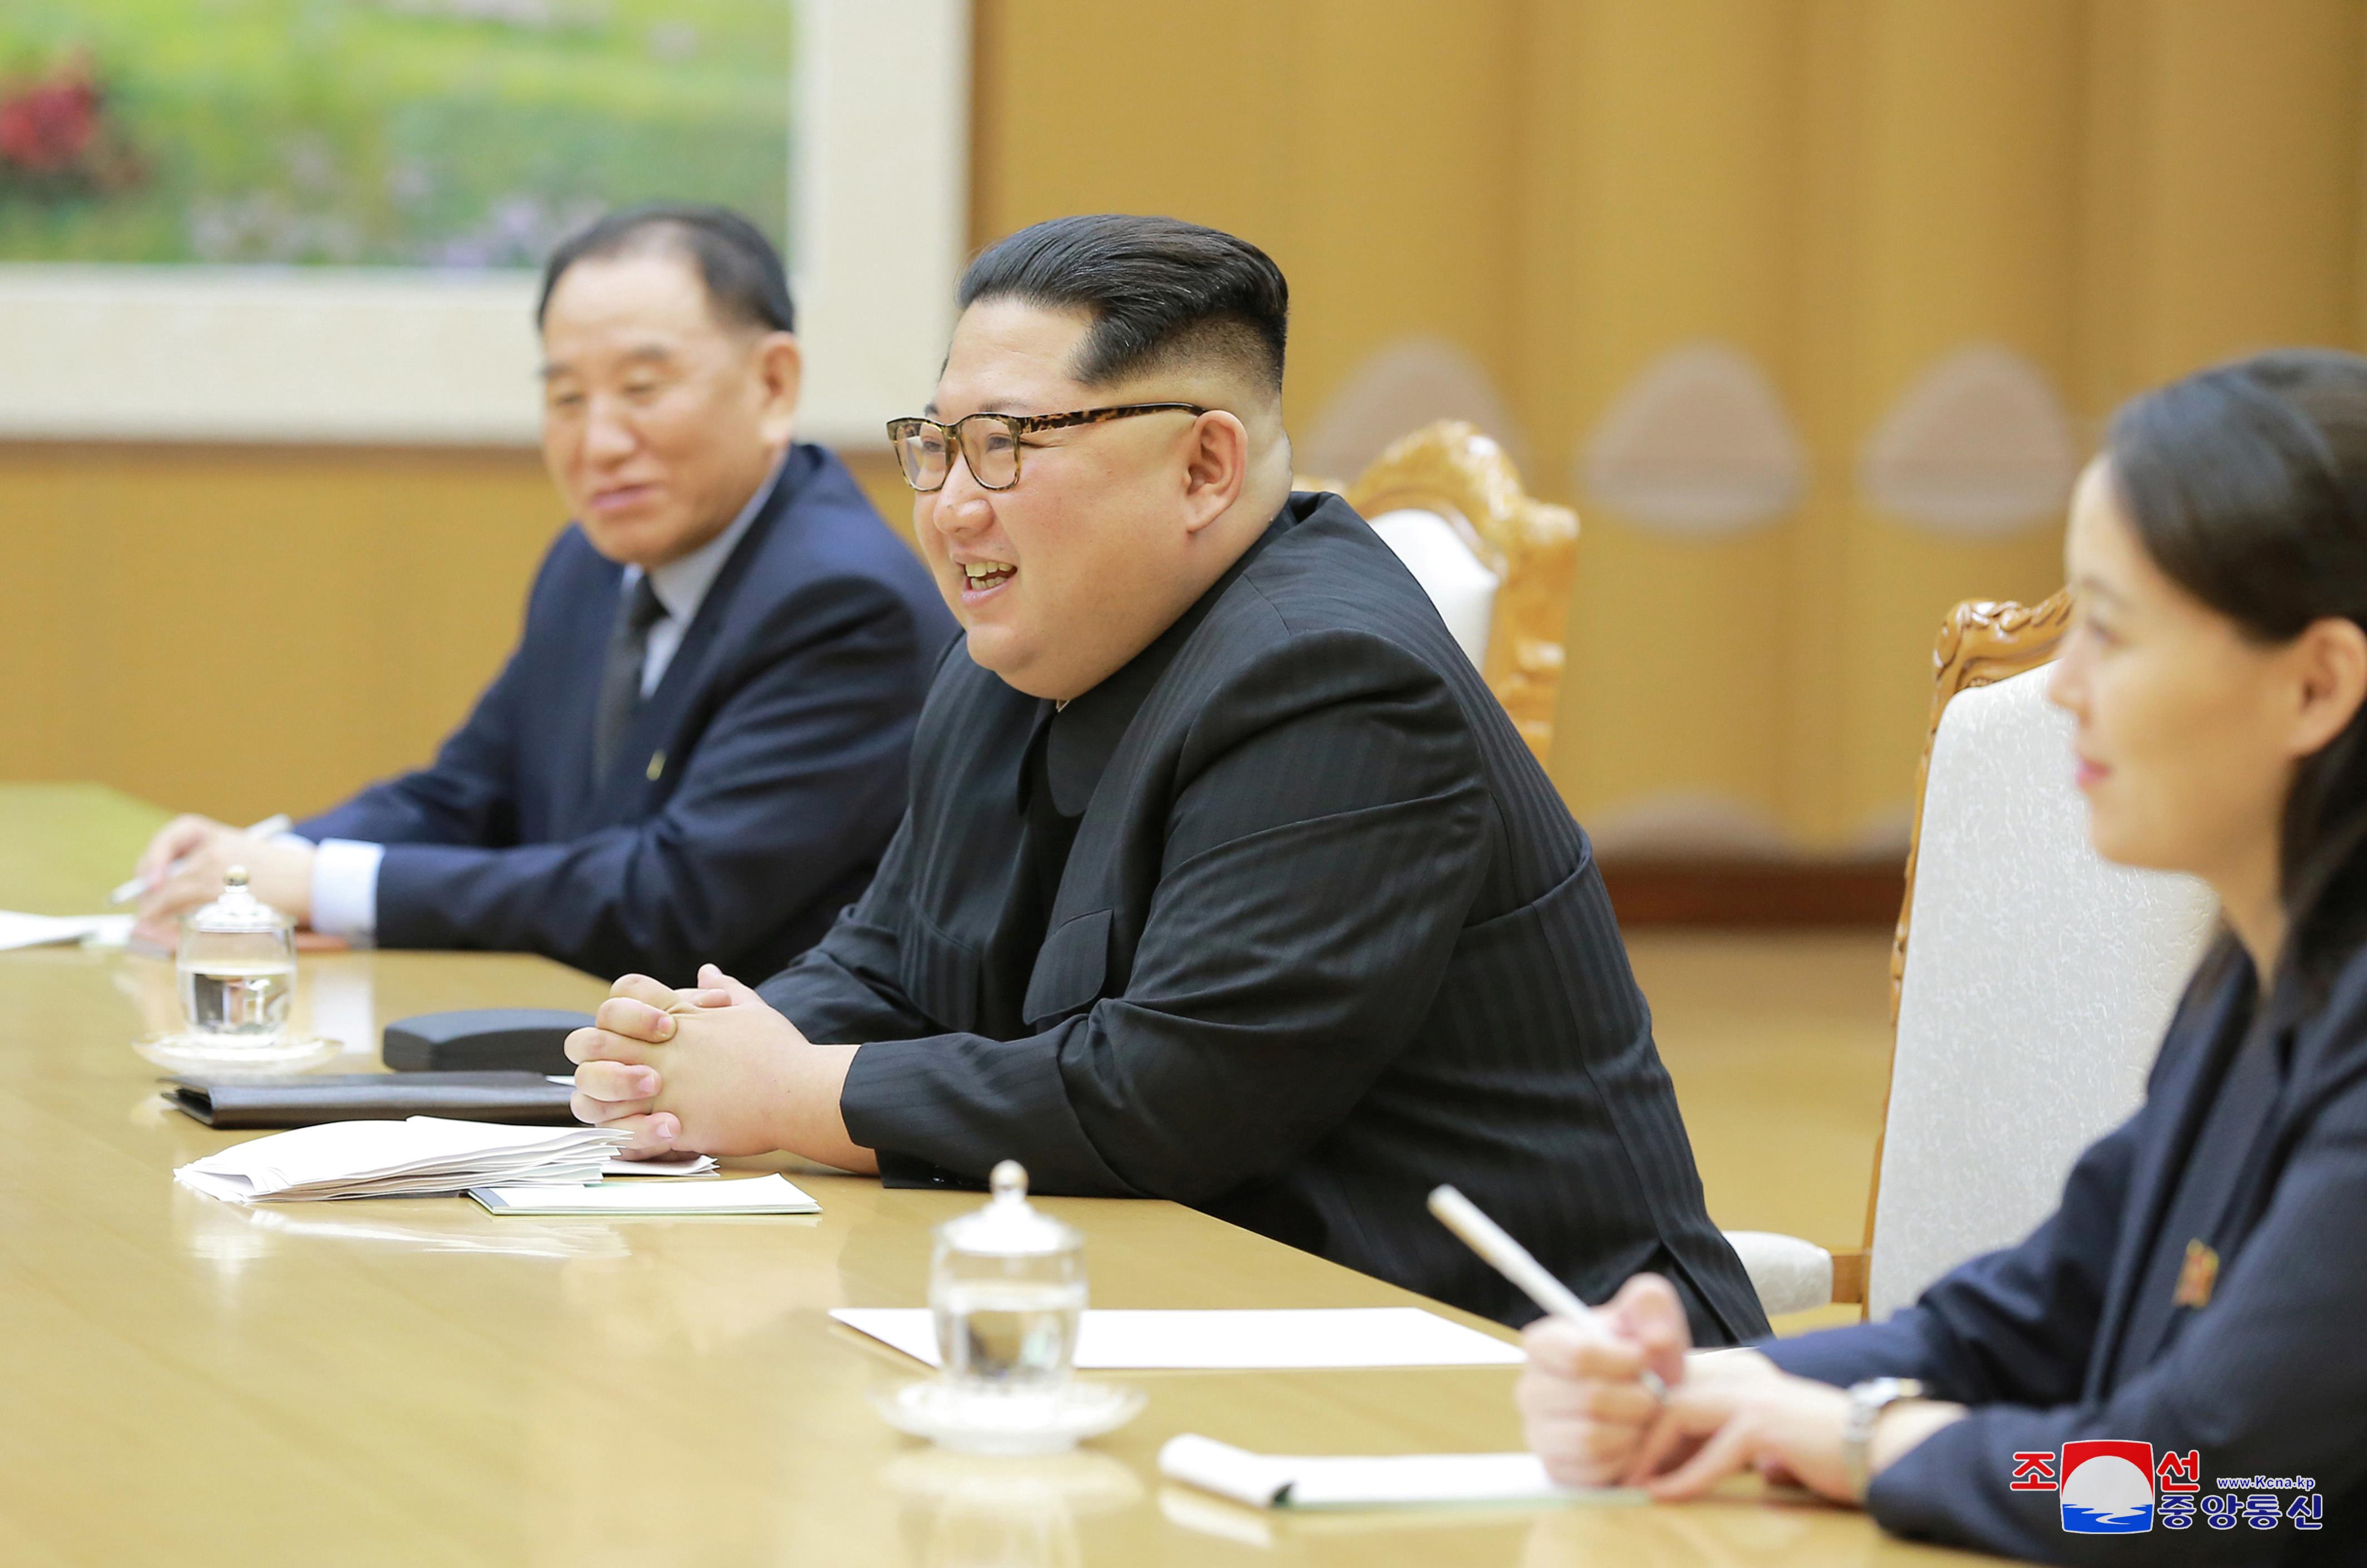 لقاء زعيم كوريا الشمالية مع وفد كوريا الجنوبية